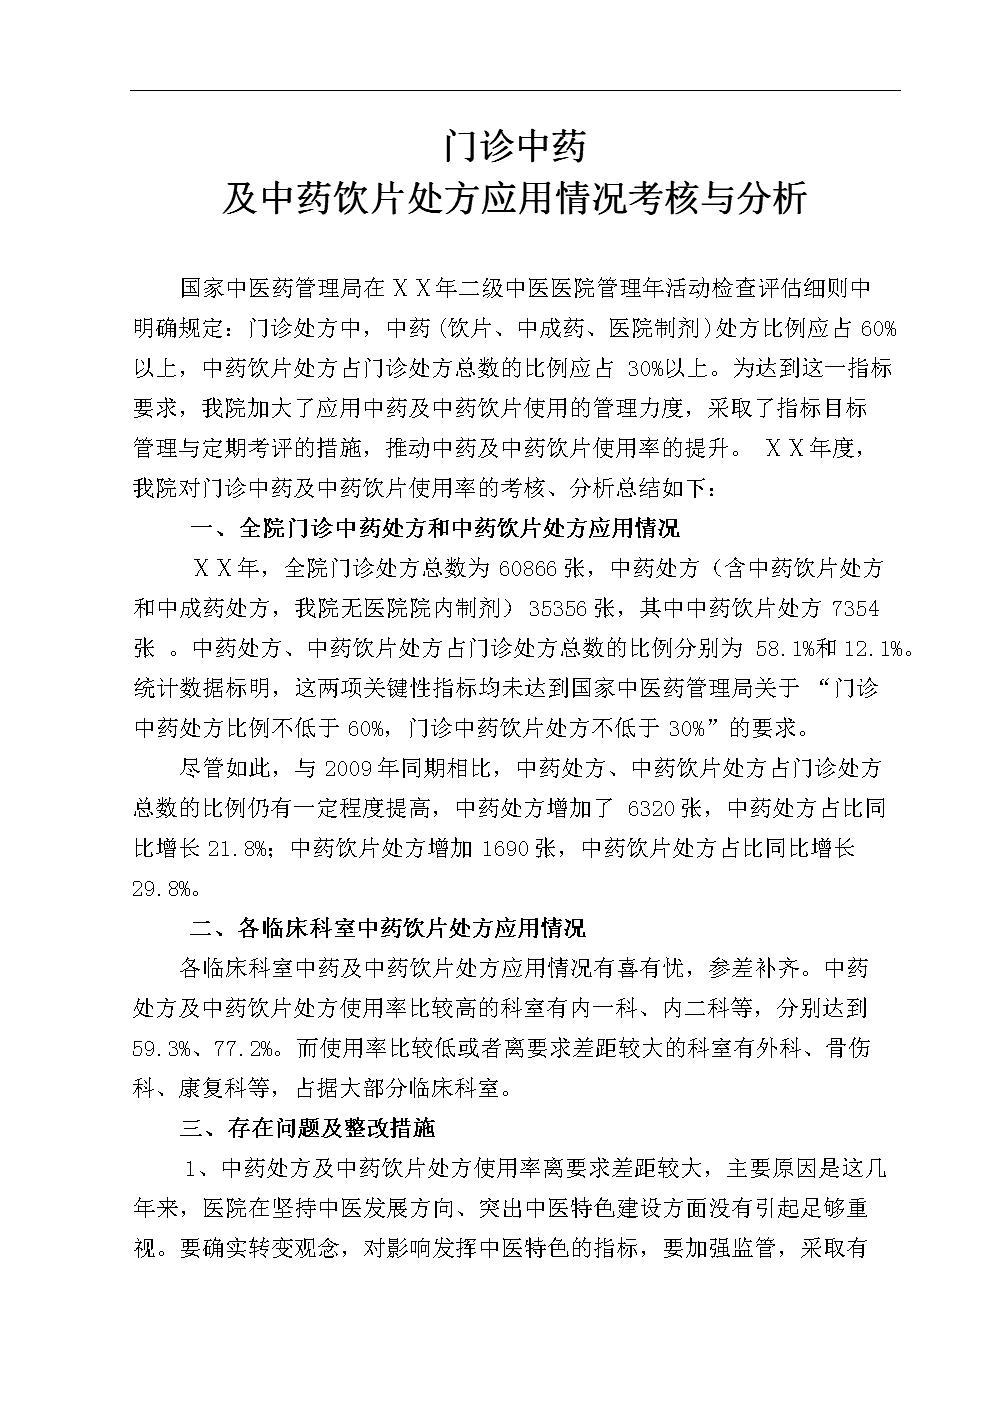 中医医院门诊中药及中药饮片处方应用情况考核与分析.doc